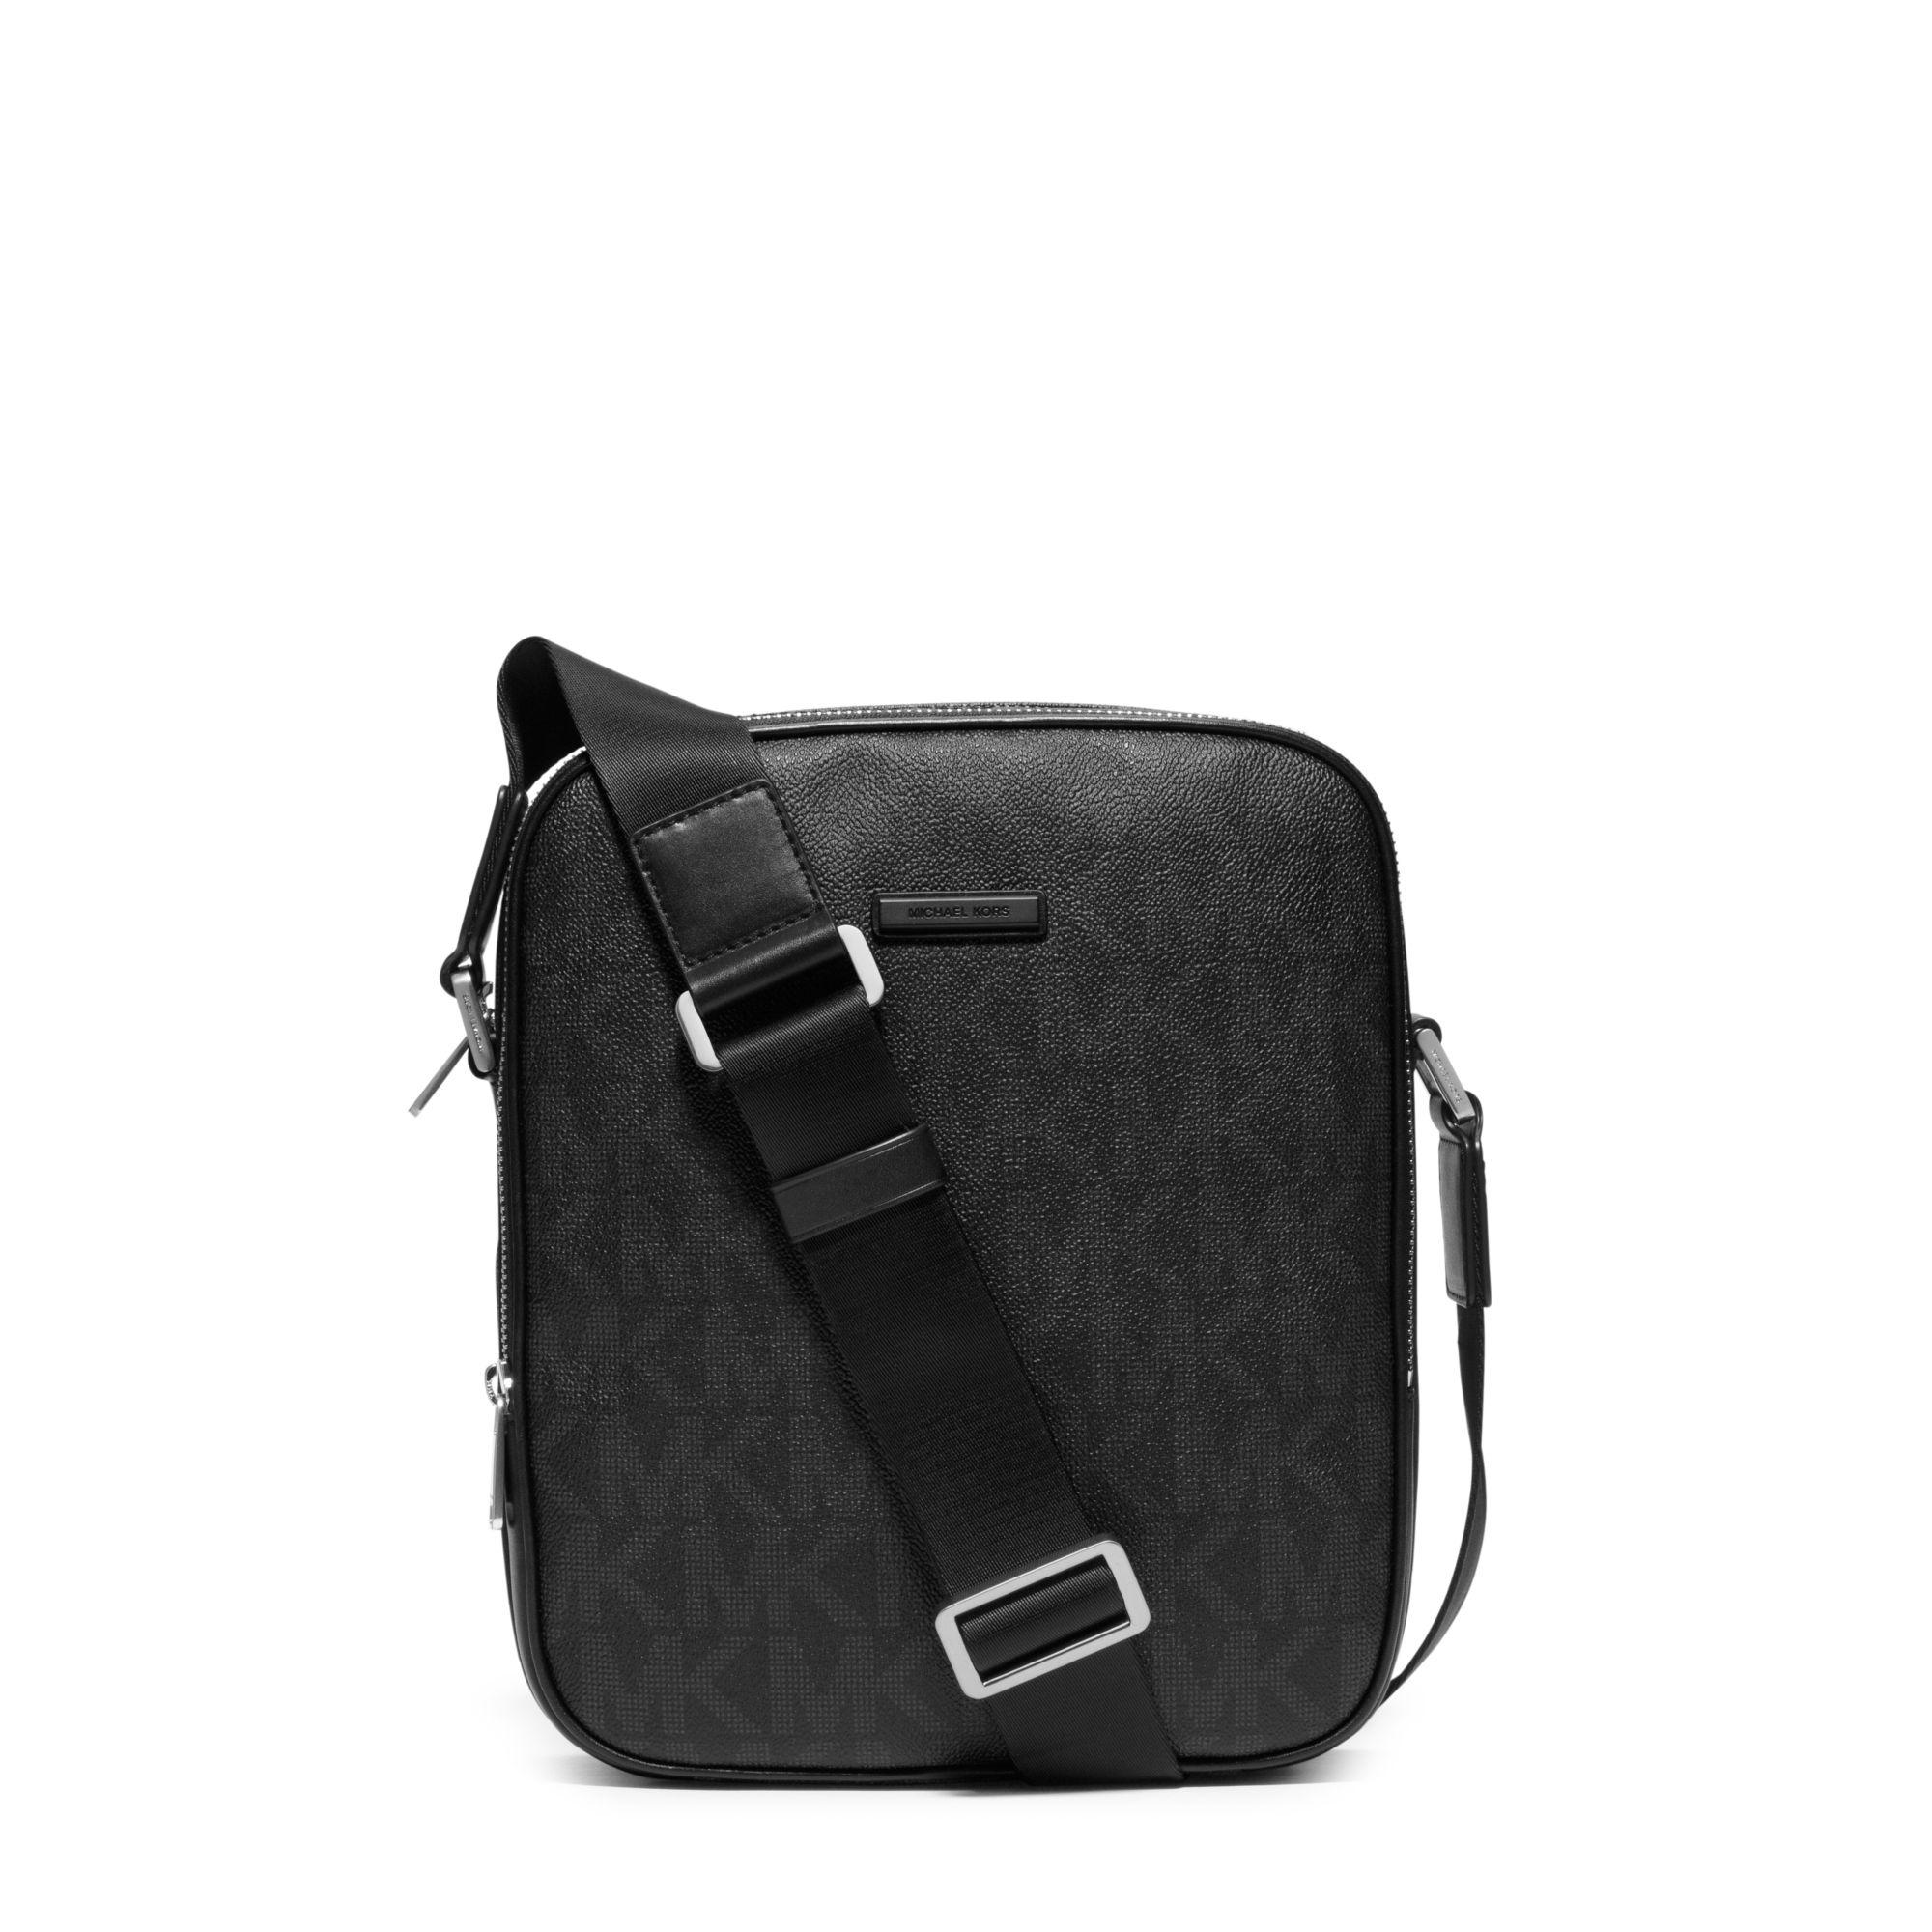 bfe59f386e38d Michael Kors Jet Set Small Logo Flight Bag in Black for Men - Lyst